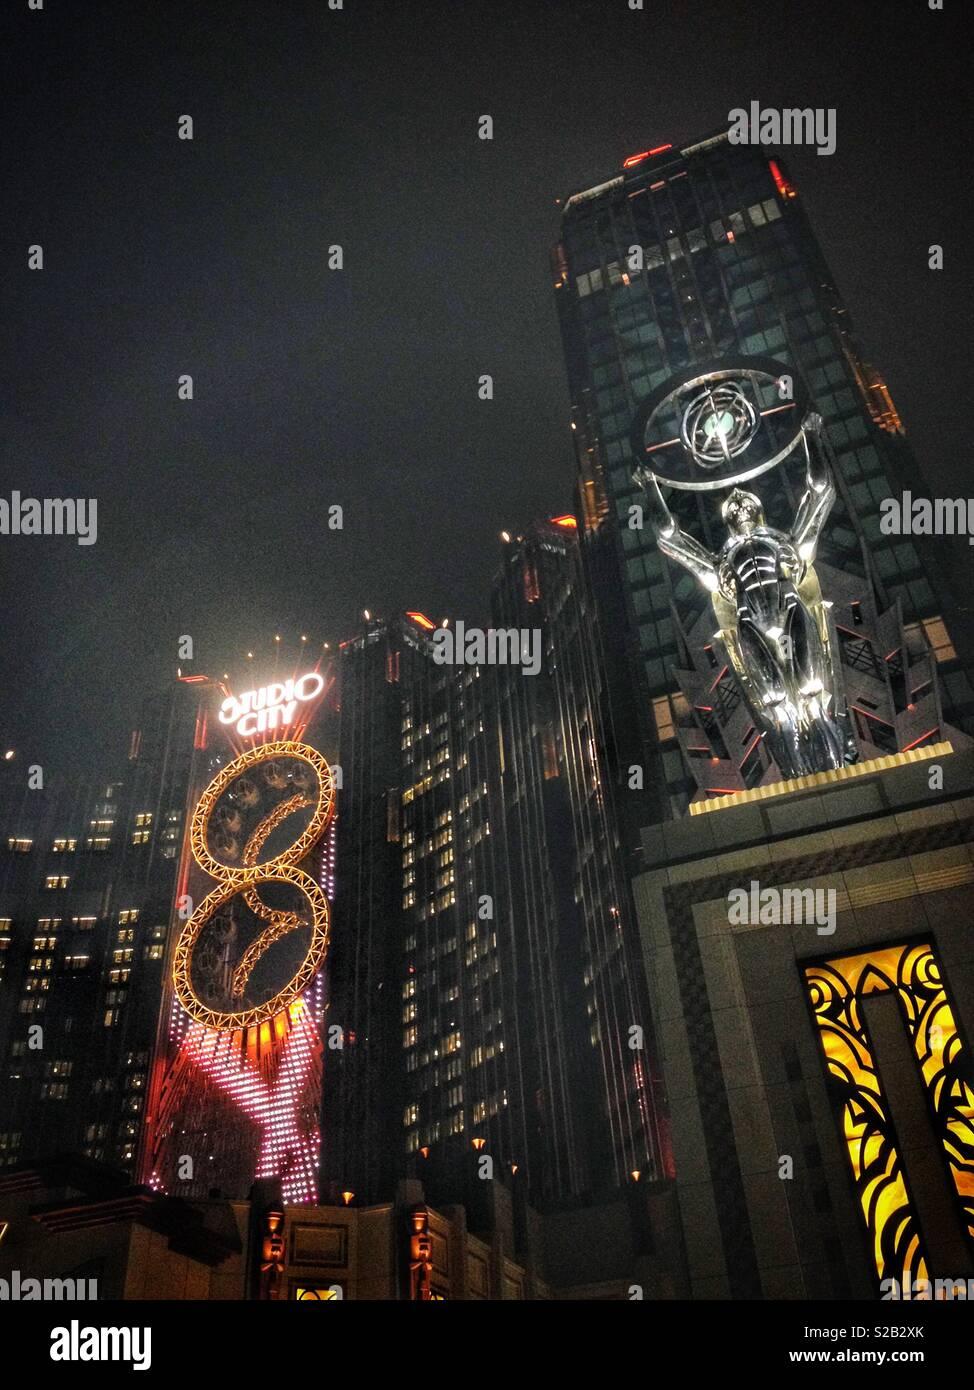 Studio City Hotel, Casino und Einkaufszentrum, Macau, mit dem Golden Reel, erste Abbildung-8 Riesenrad der Welt. 8 ist eine Glückszahl in der chinesischen Kultur. Stockbild